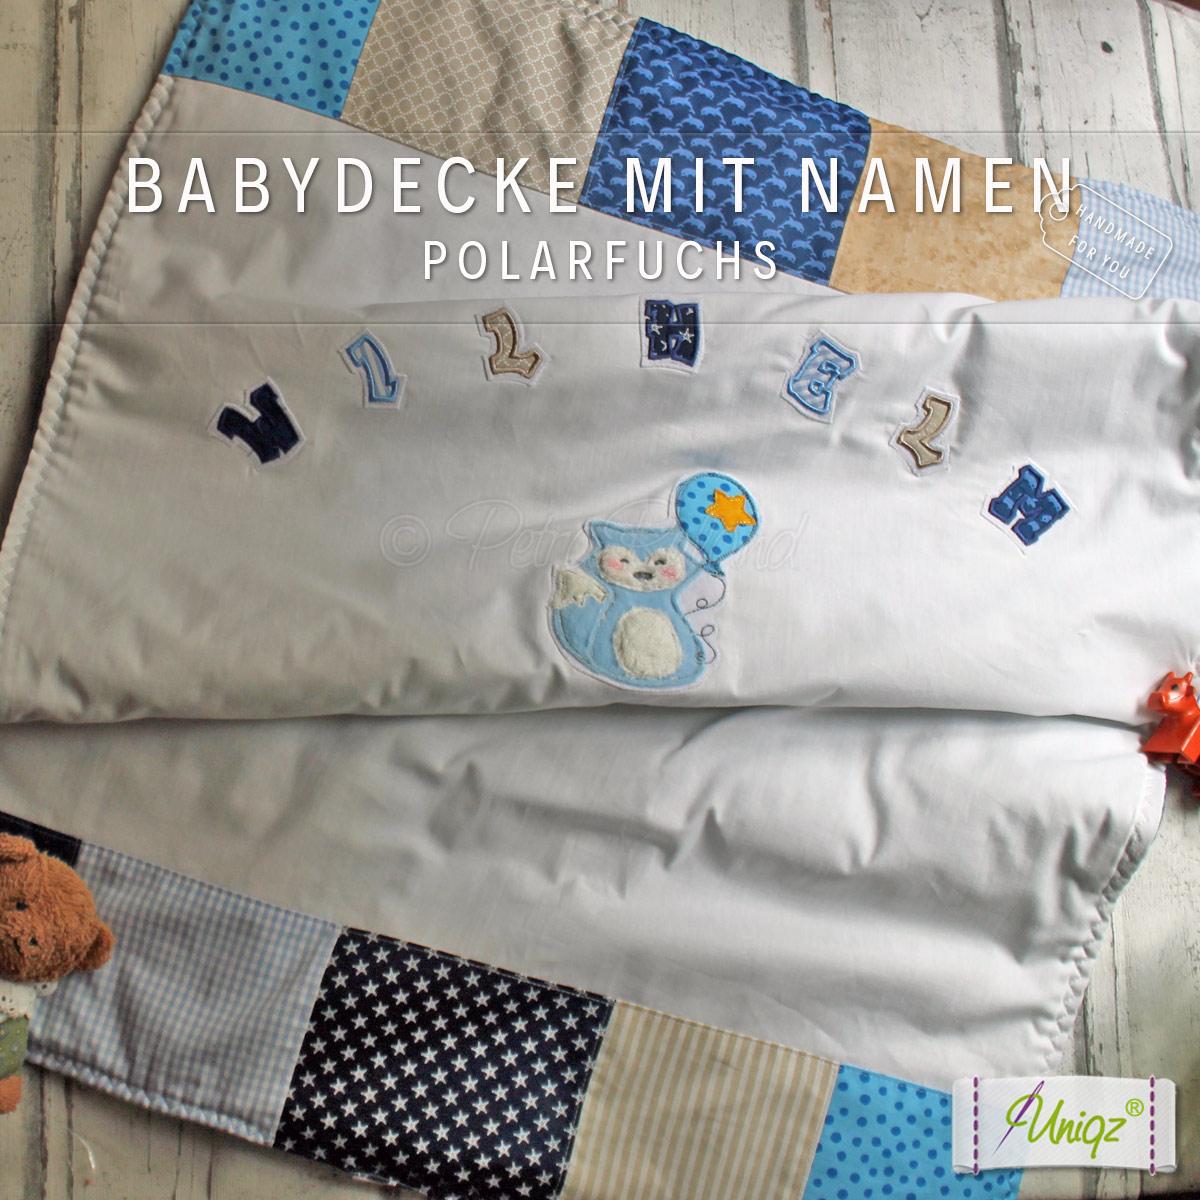 Baby- und Kinderdecke, mit Polarfuchs Applikation